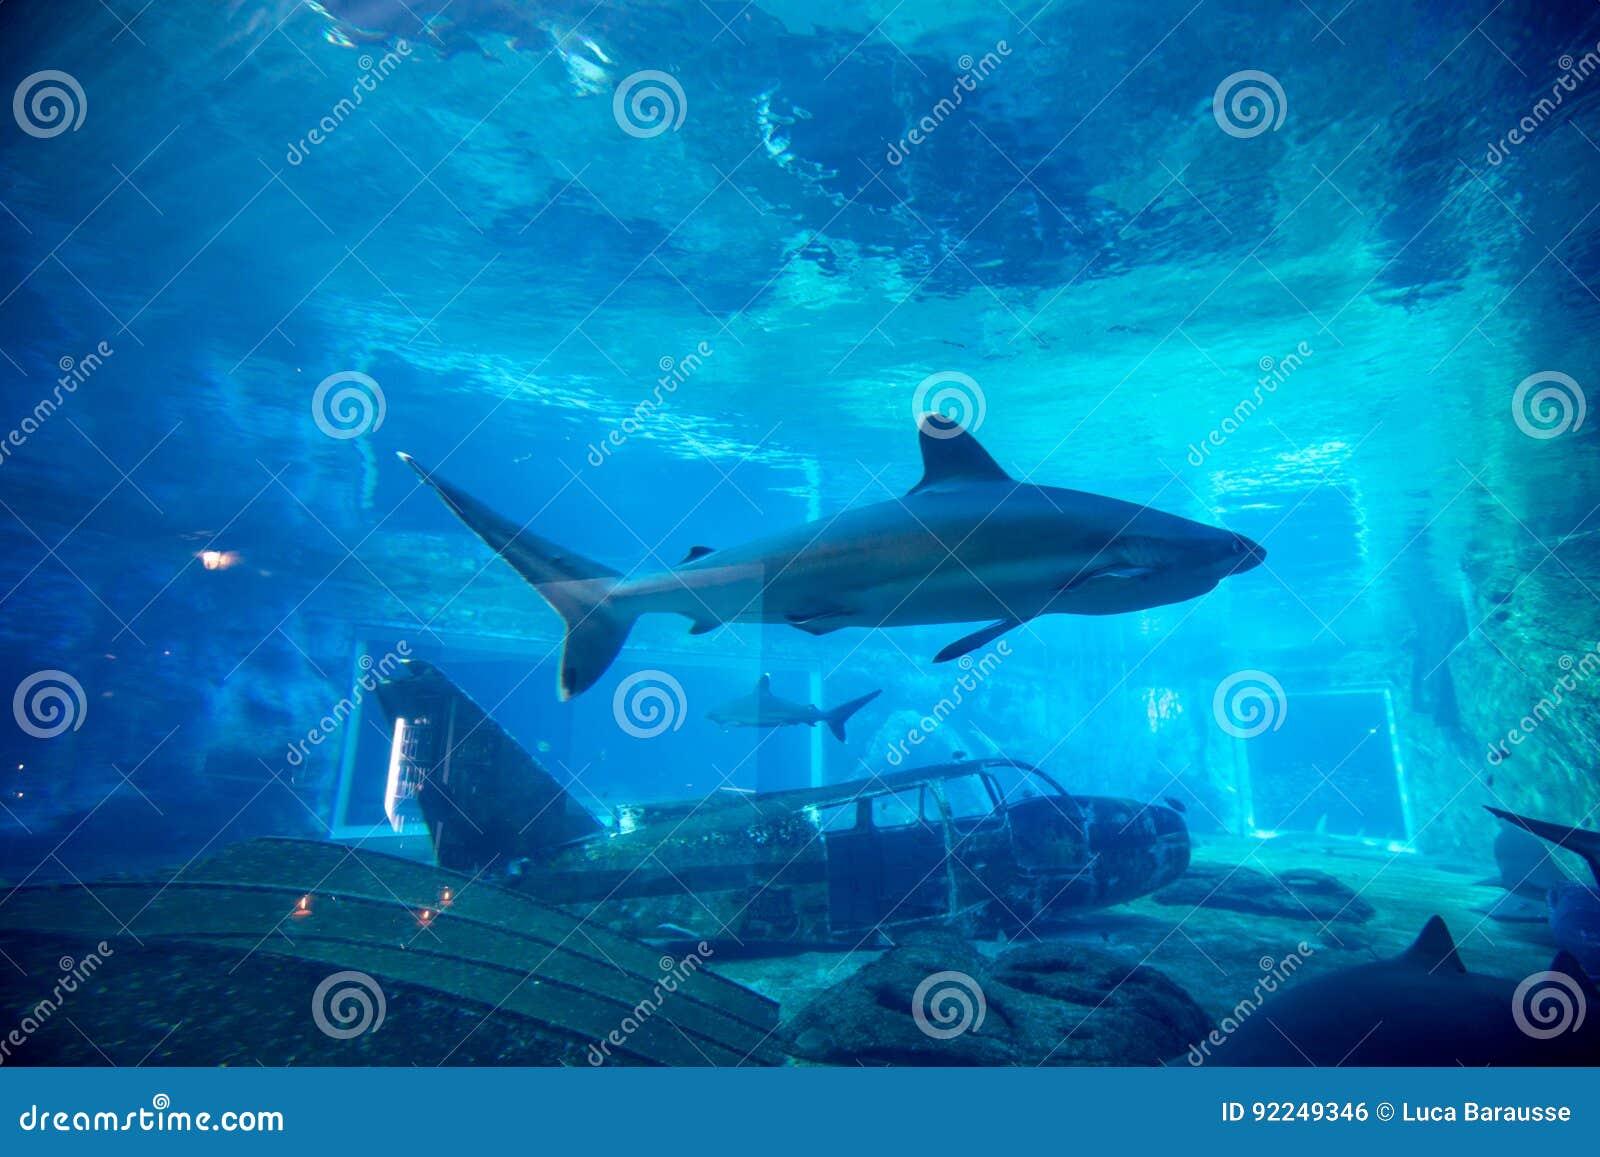 Spinnarehaj i akvarium